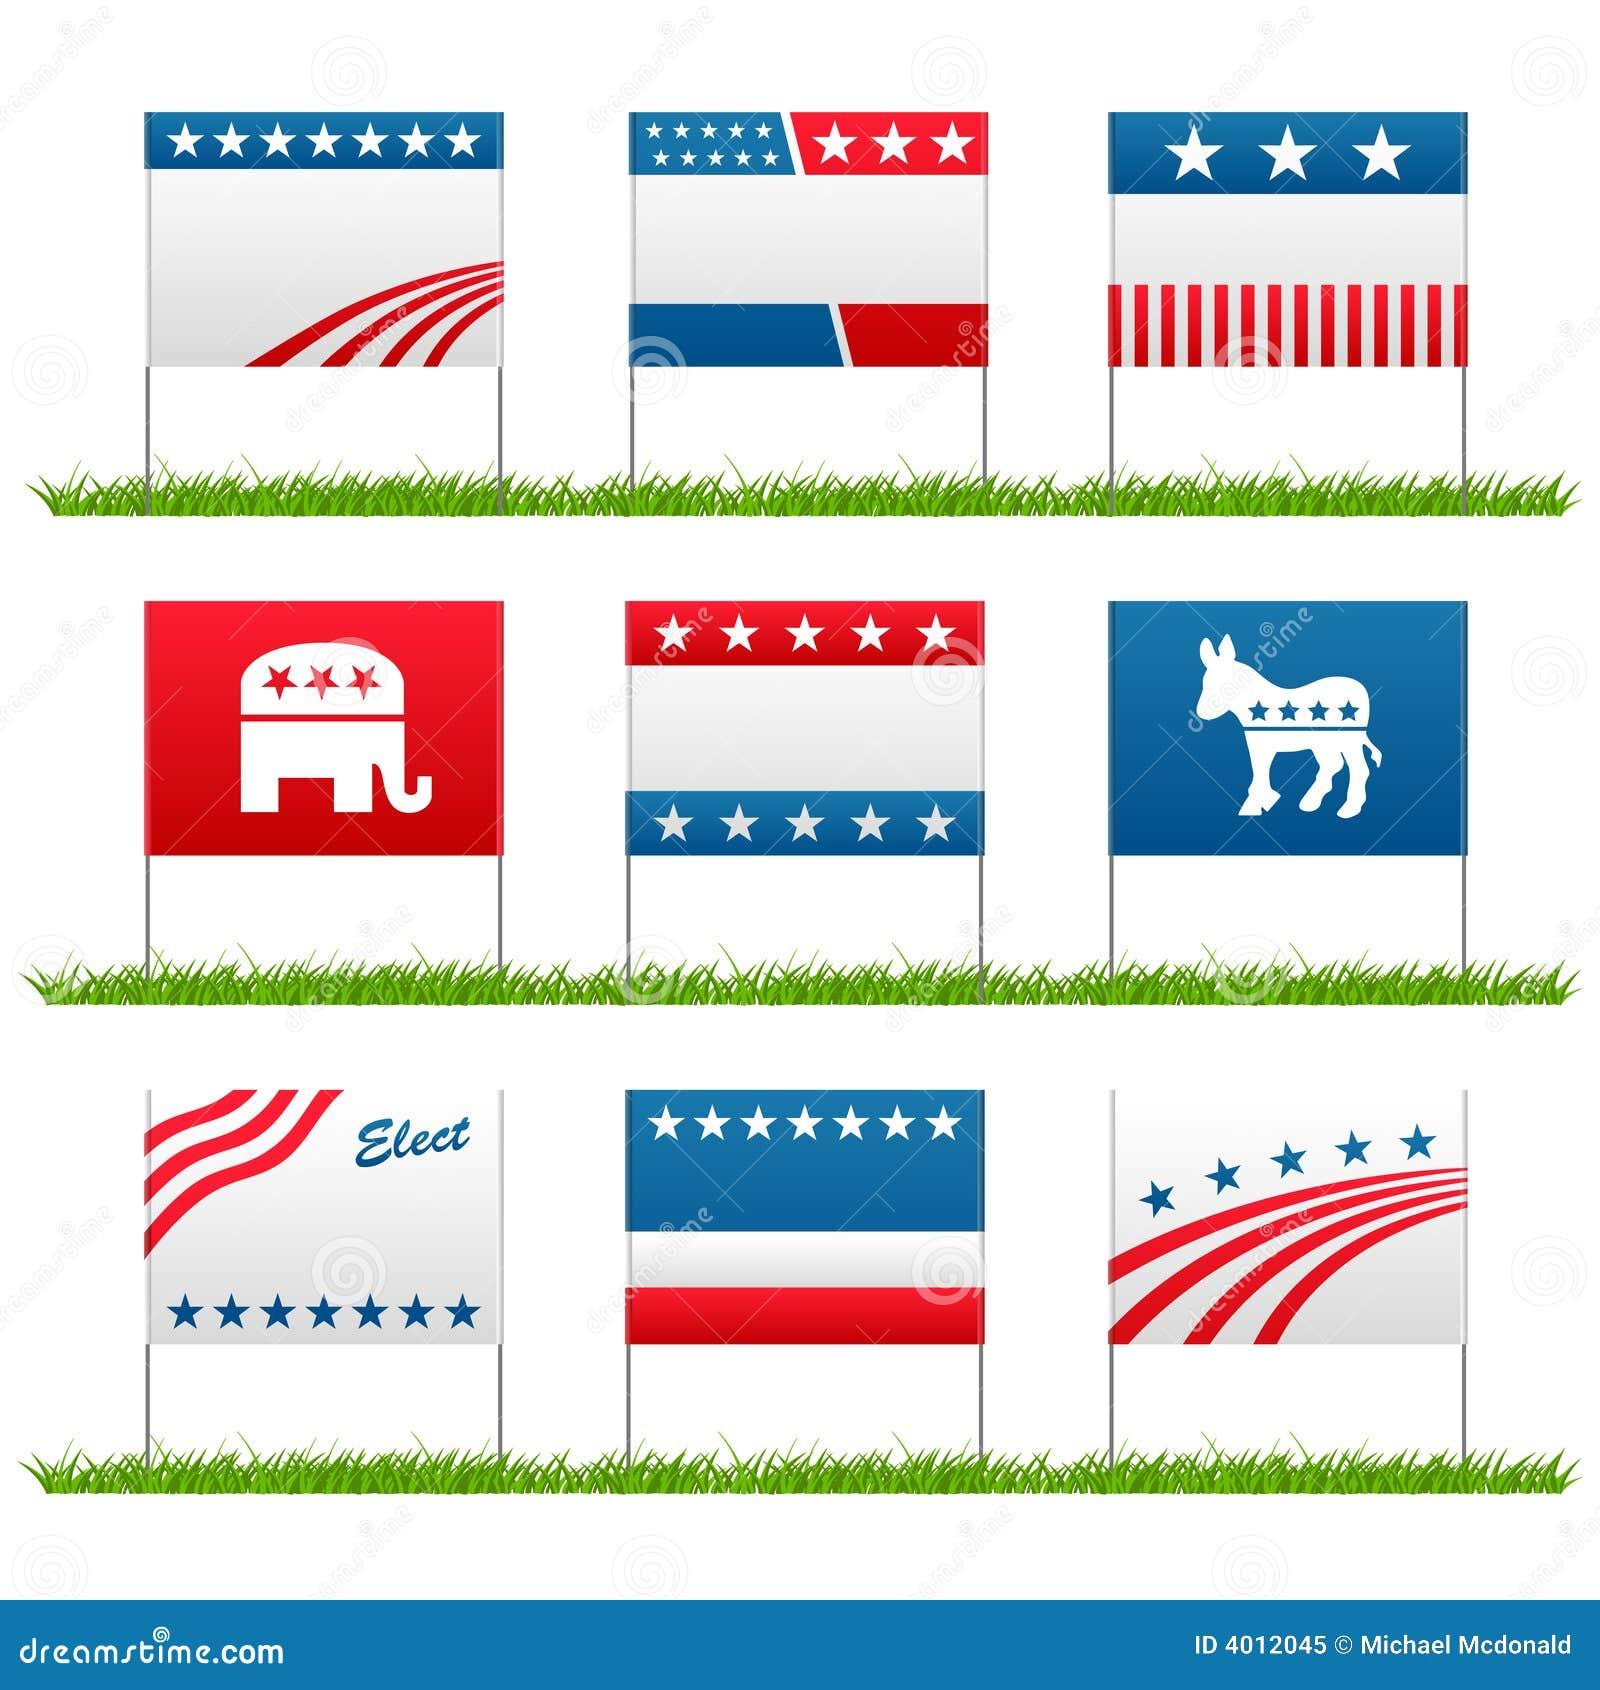 πολιτική αυλή σημαδιών εκλογής εκστρατείας